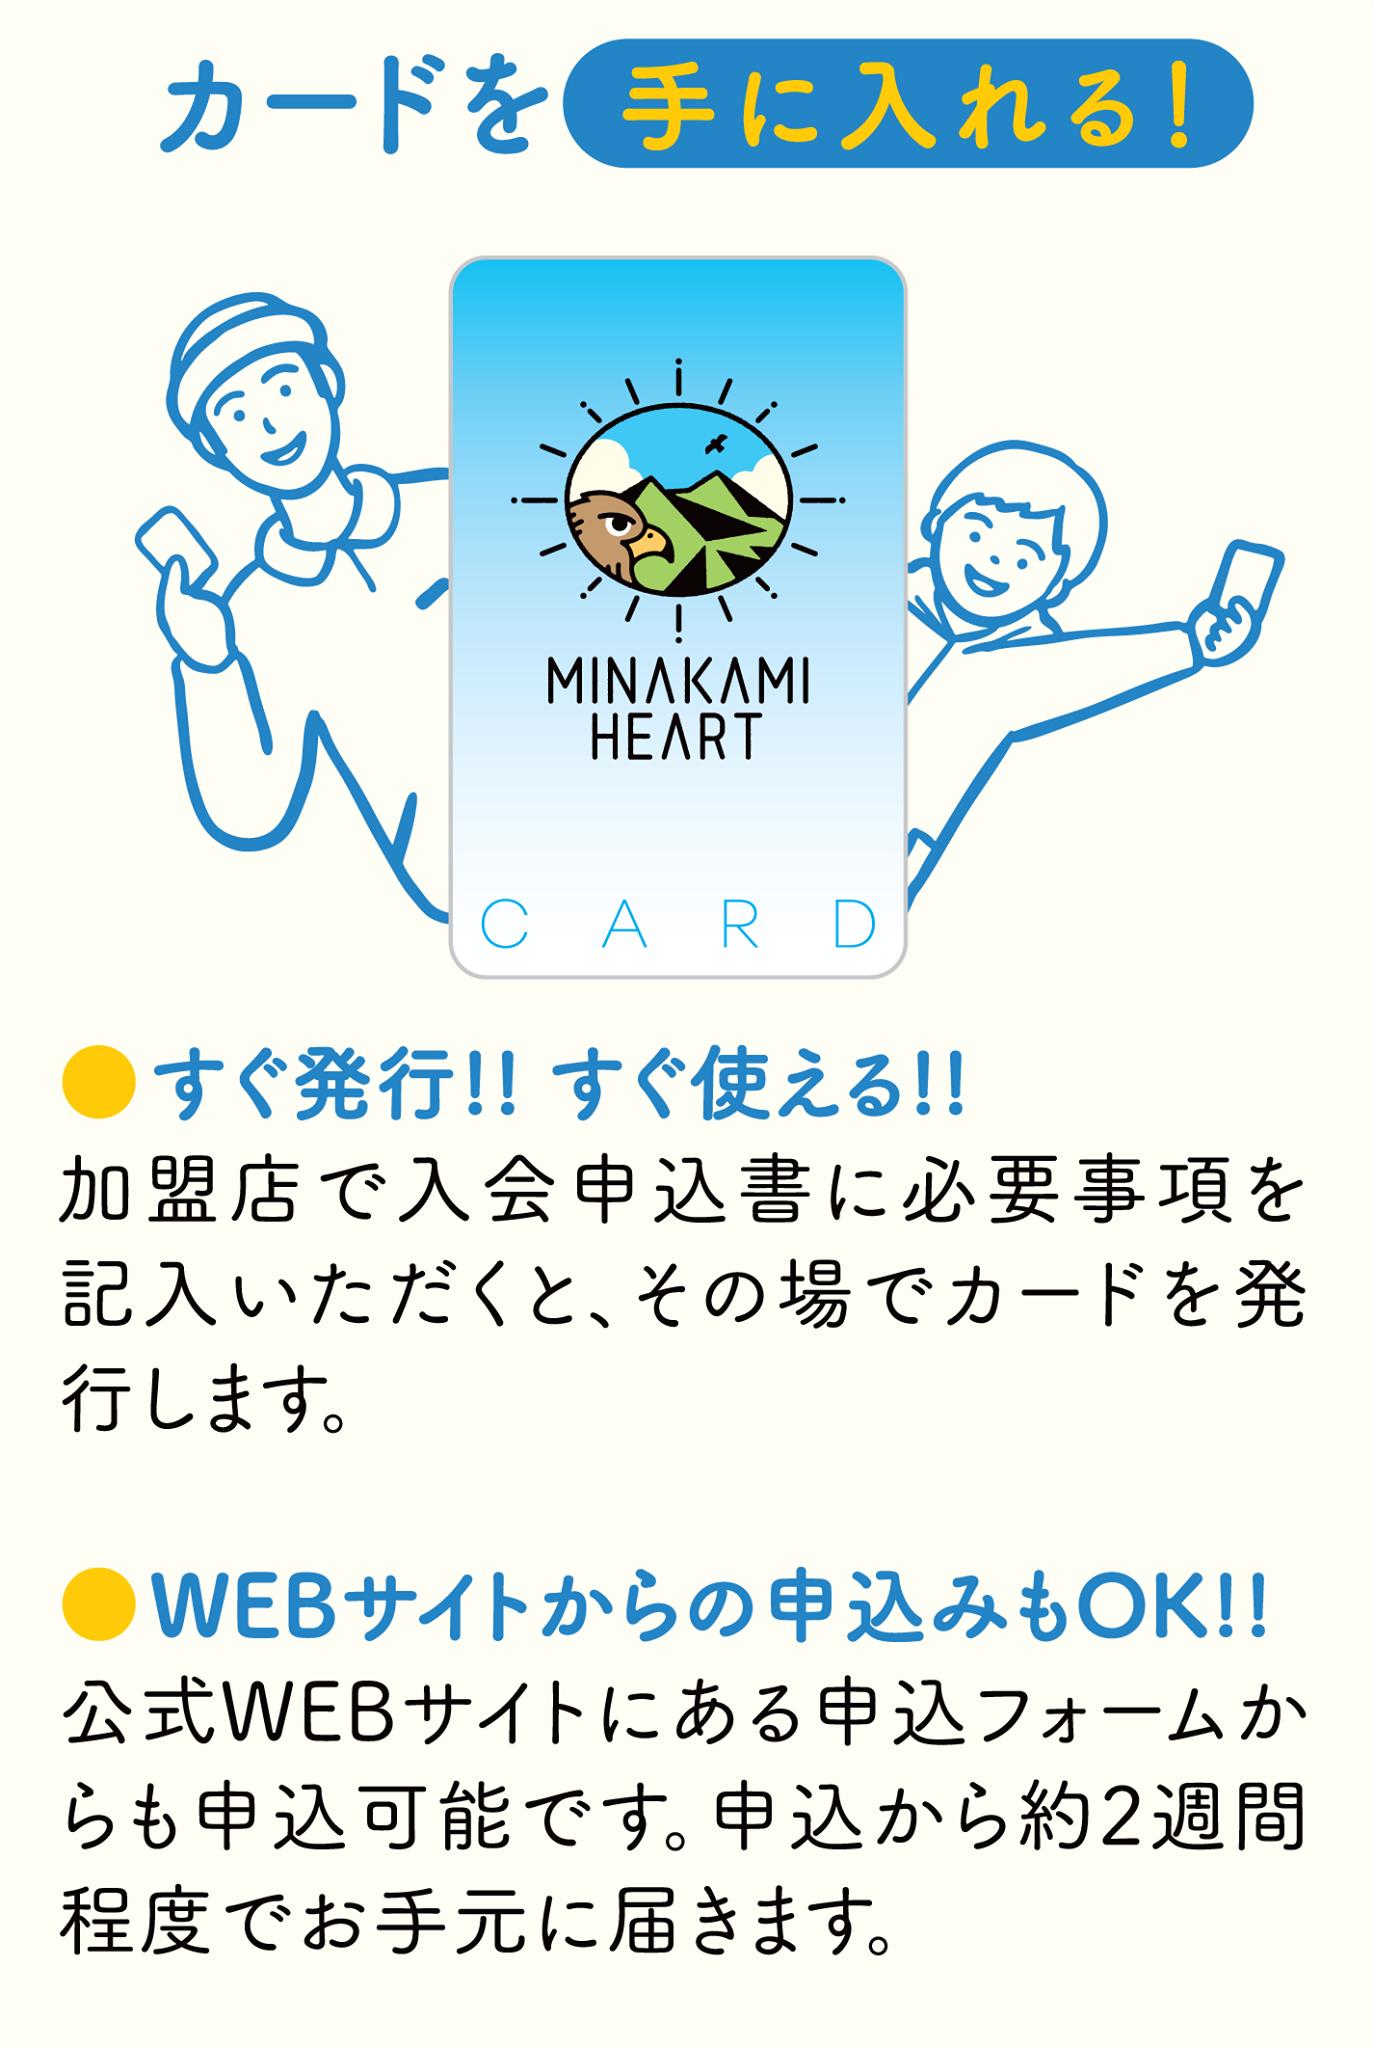 MINAKAMI HEART カード